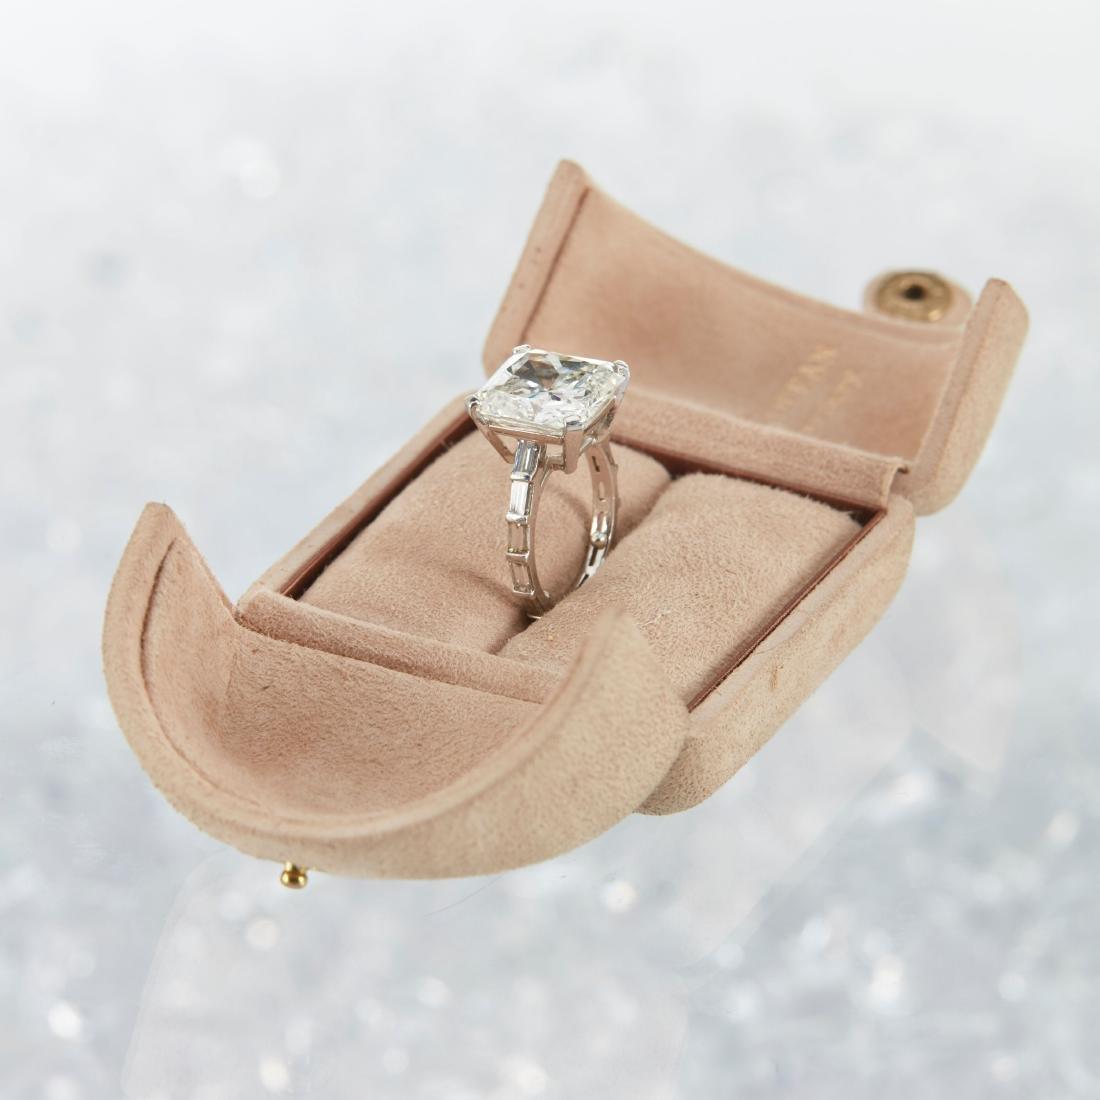 An 11-Carat Platinum Diamond Ring - 2